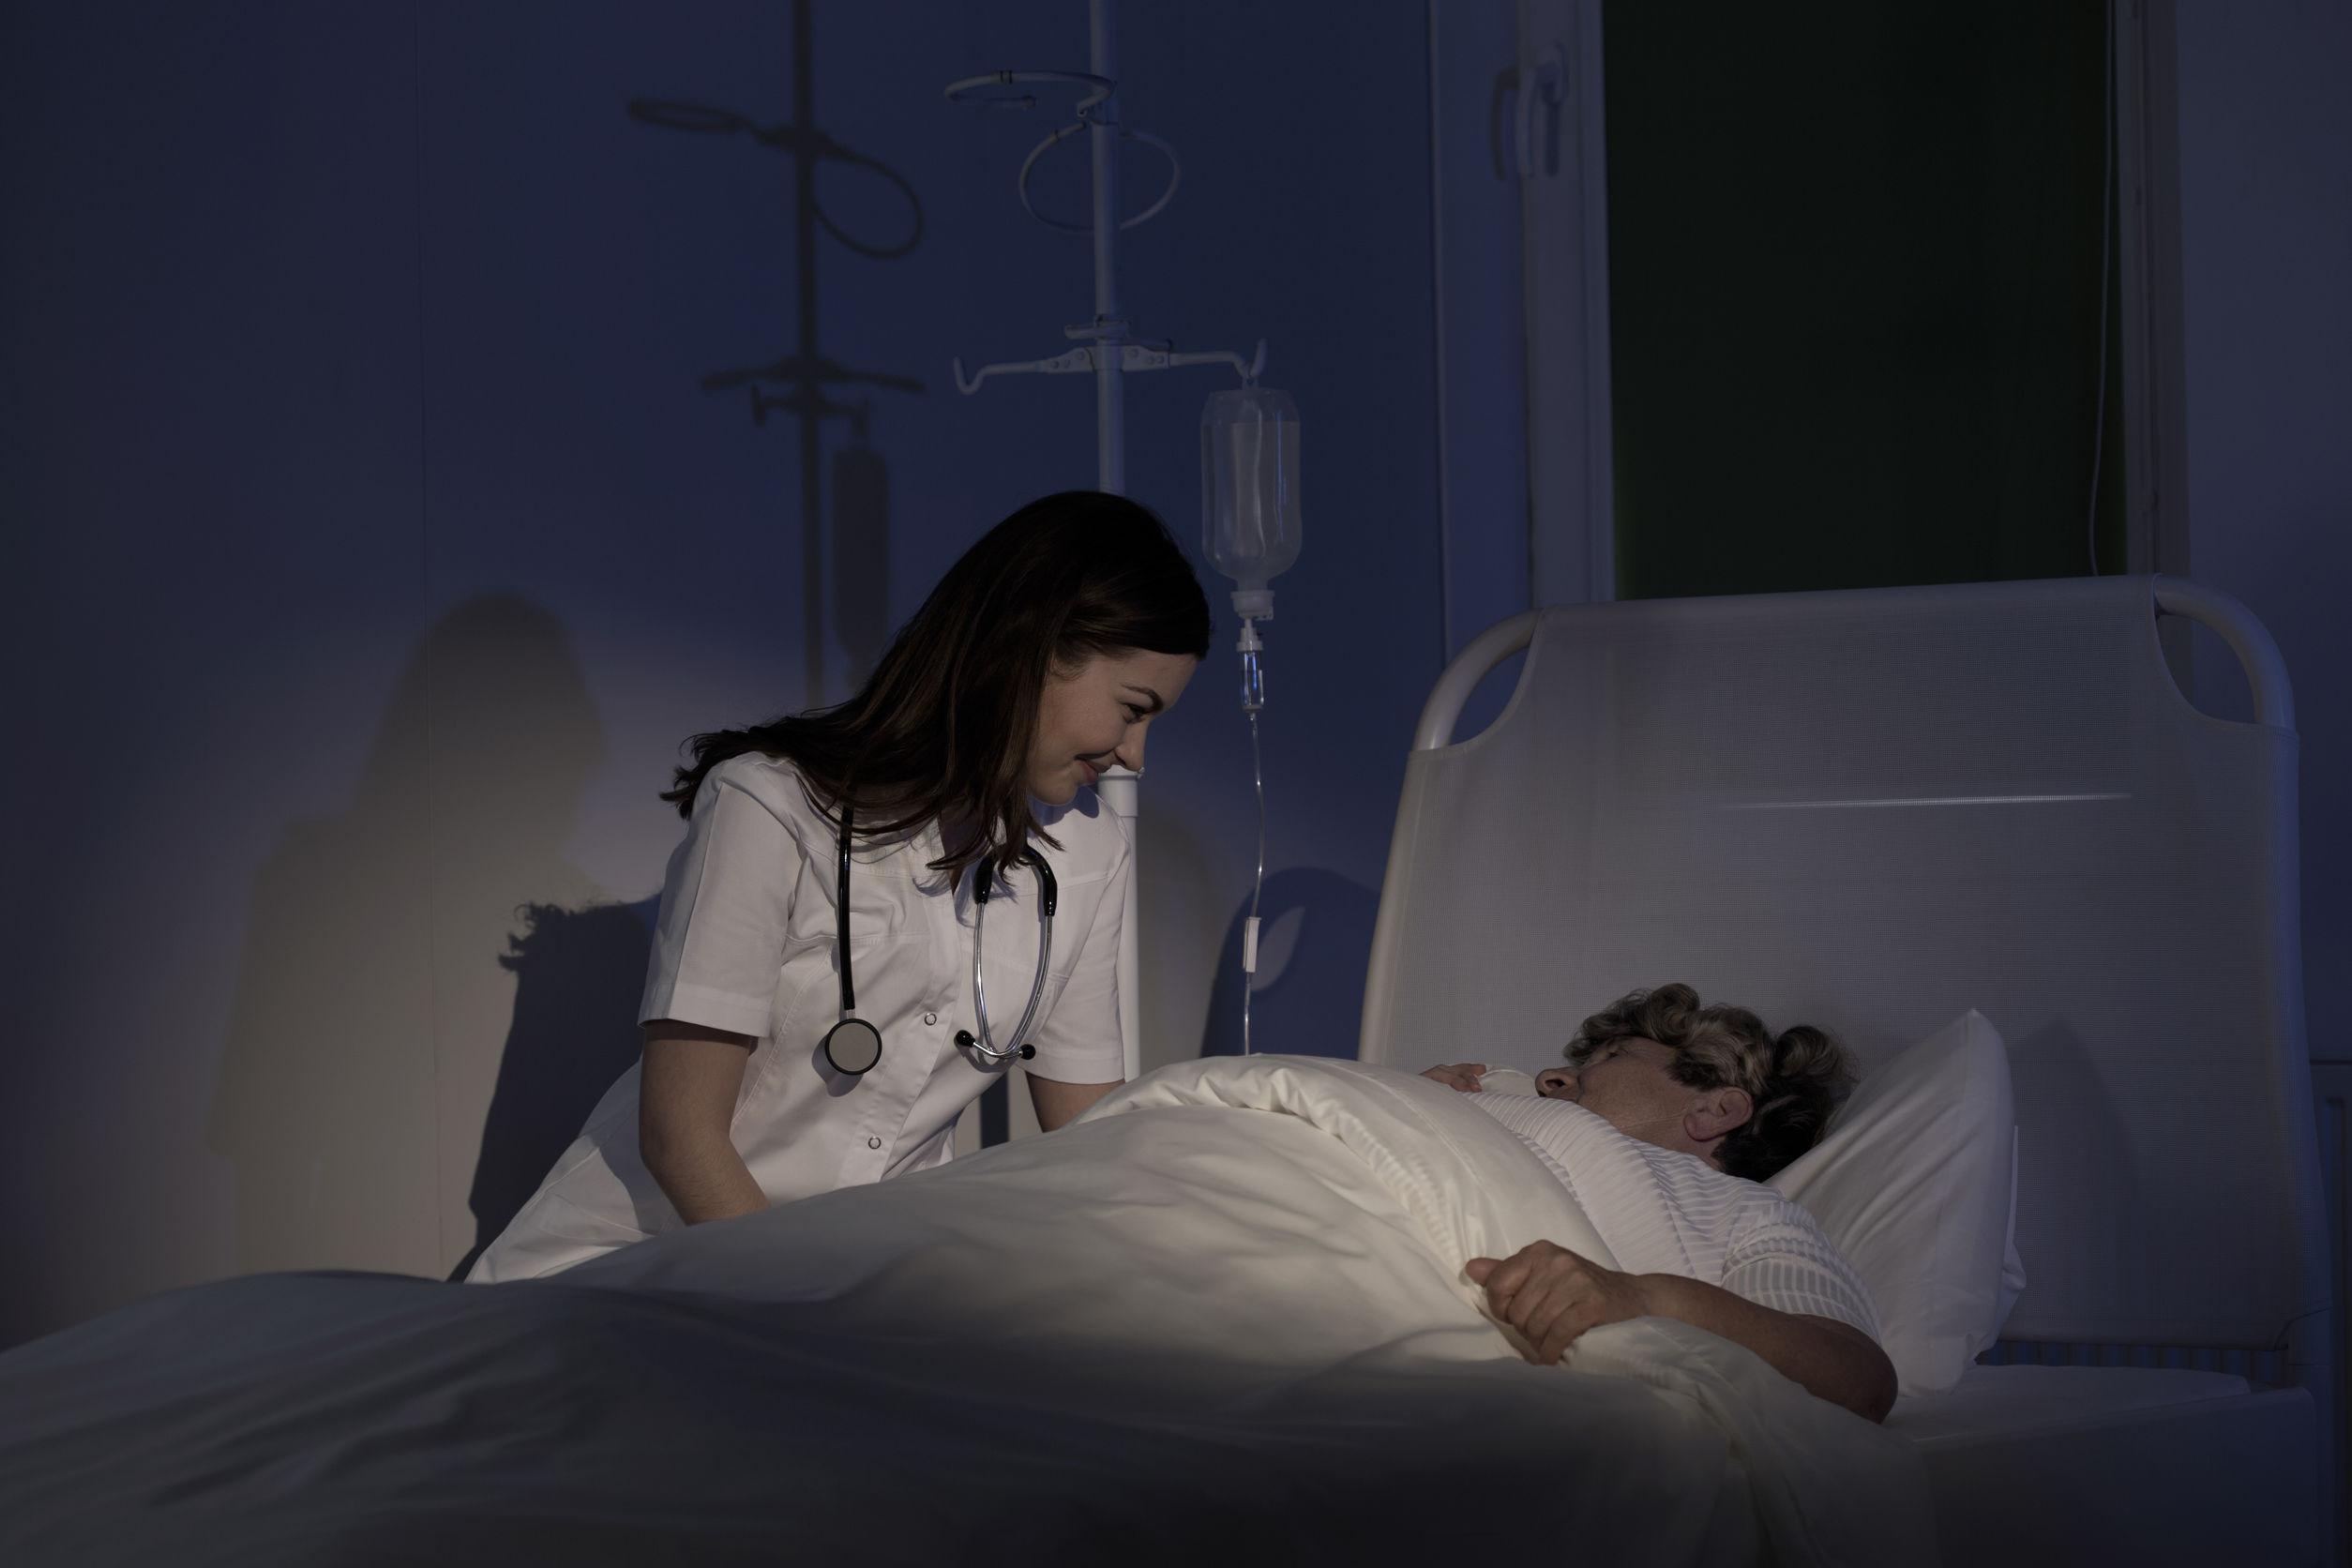 Zuster Jansen biedt nachtzorg in de thuissituatie aan. Dat kan gaan om nachtzorg bij dementie, nachtzorg bij Parkinson, slaapdiensten en waaknachten.